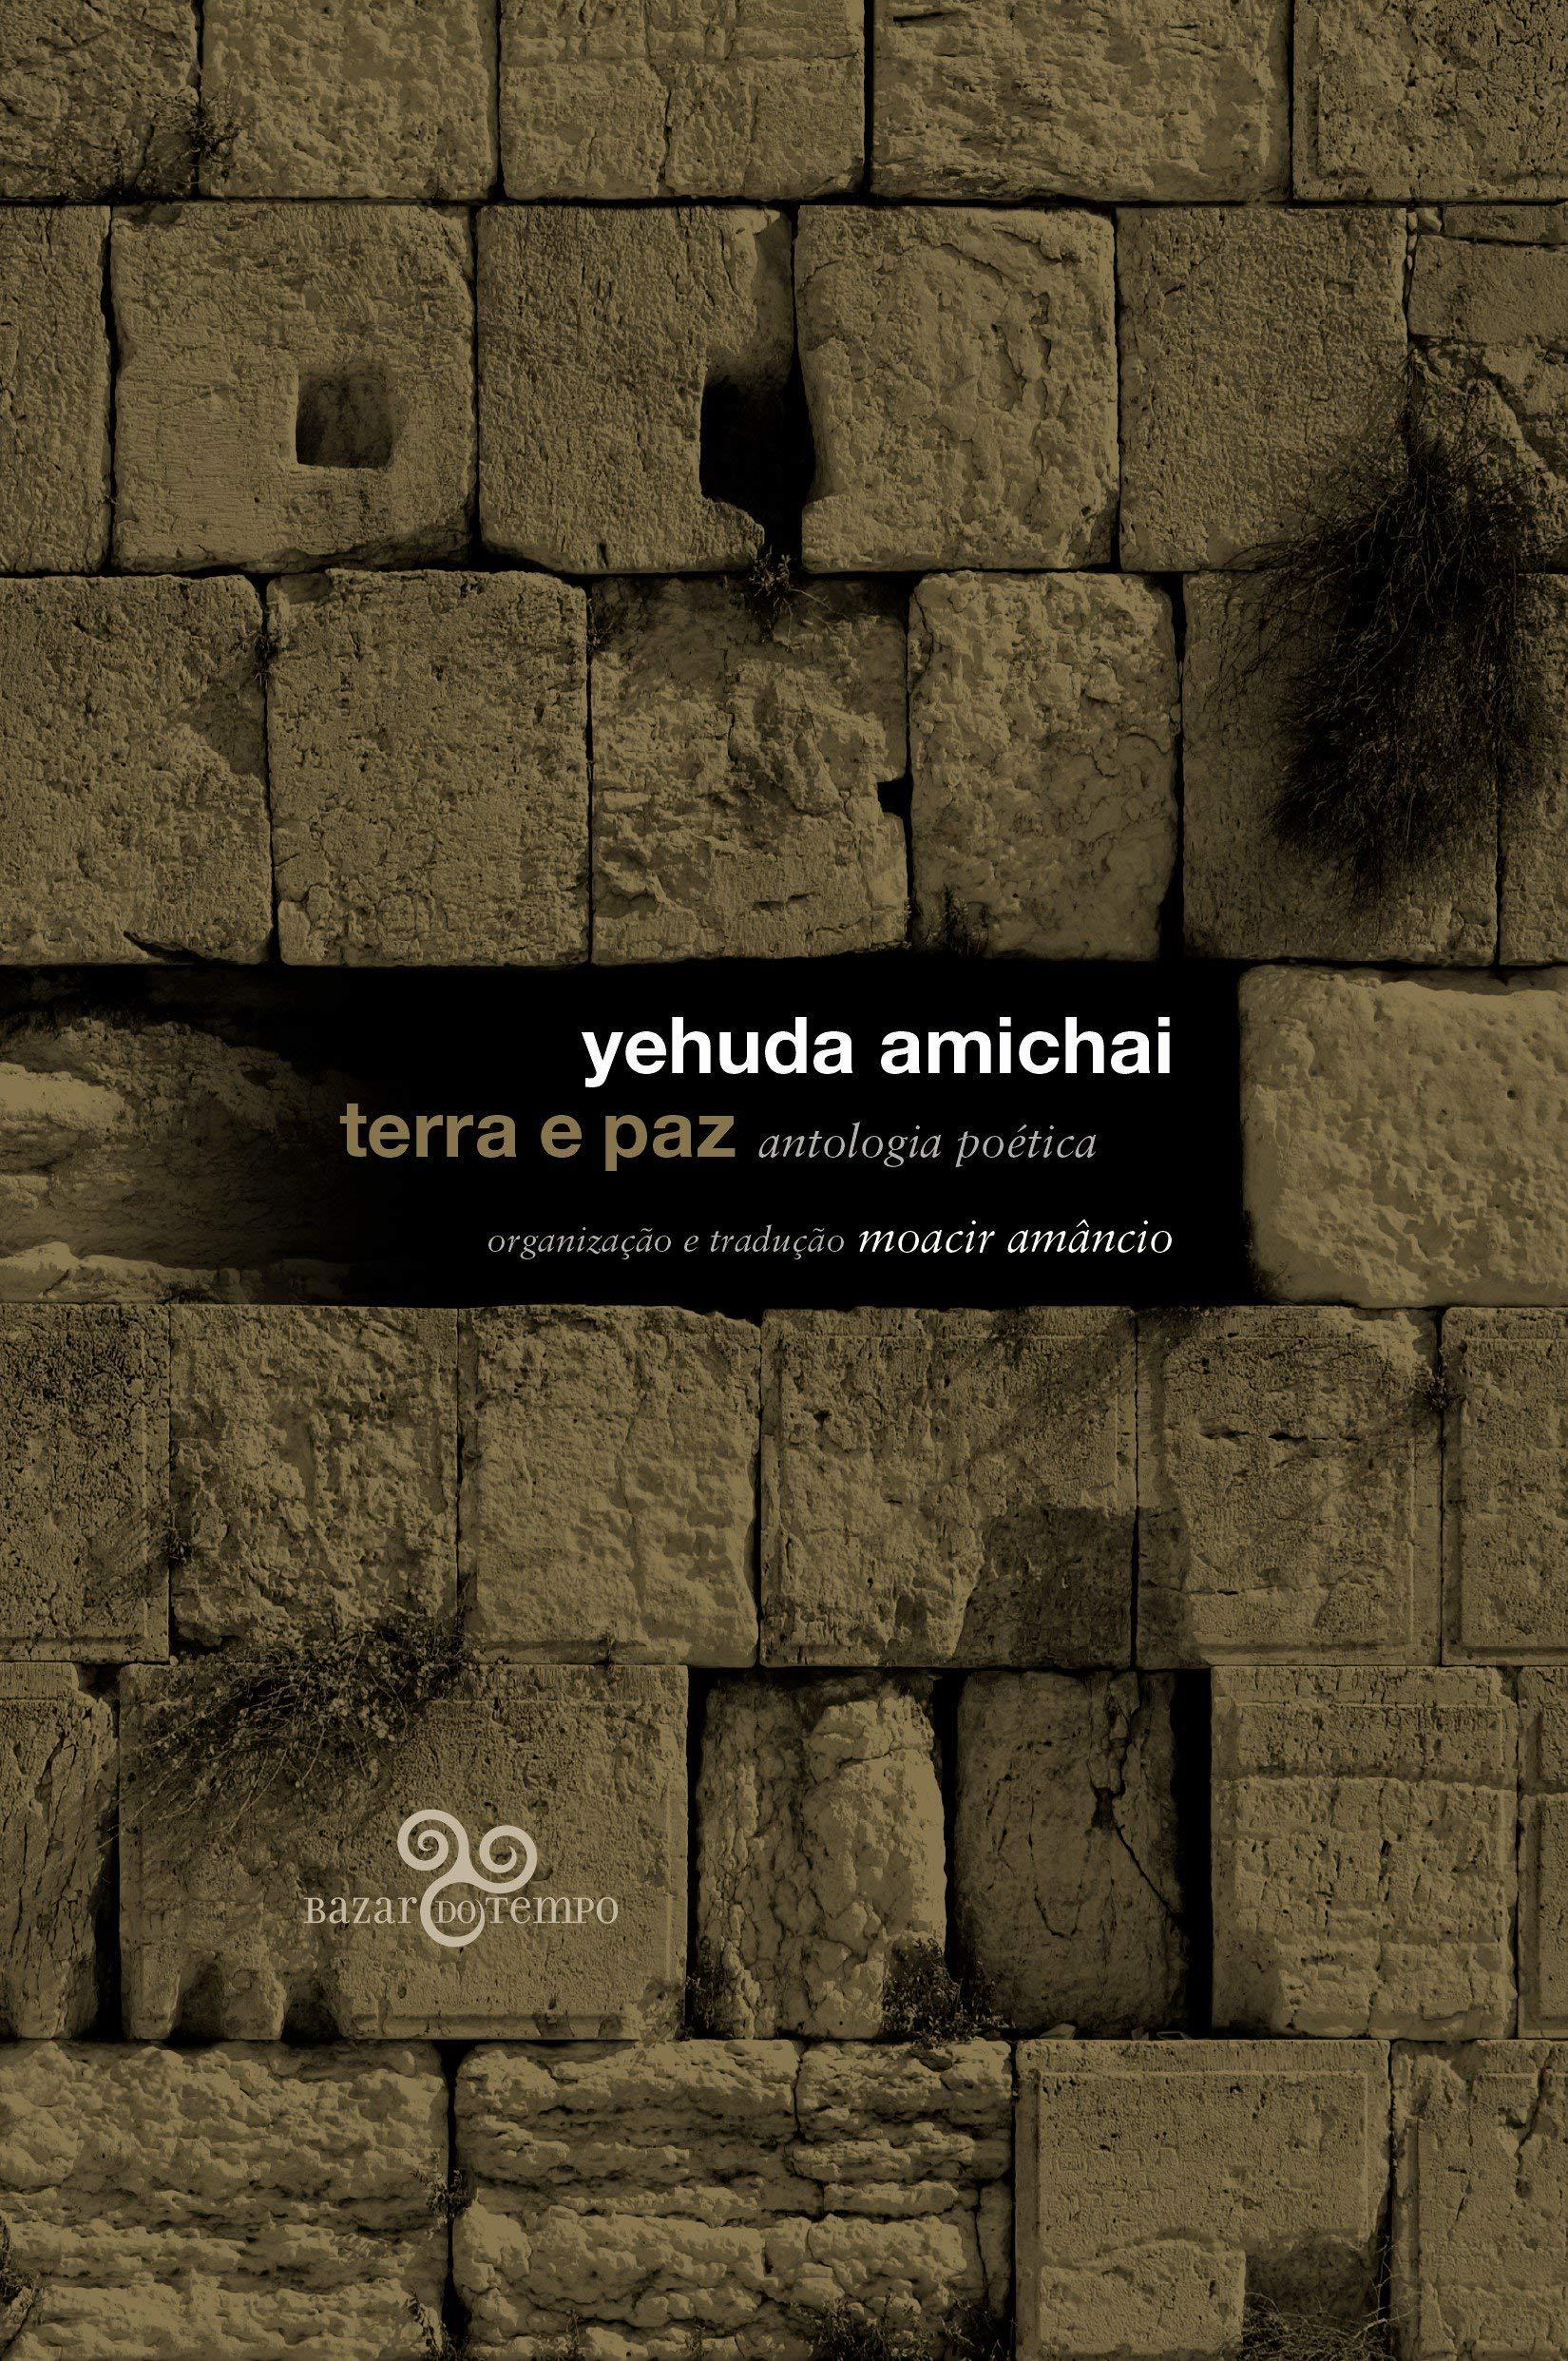 Terra e paz: antologia poética, livro de Yehuda Amichai